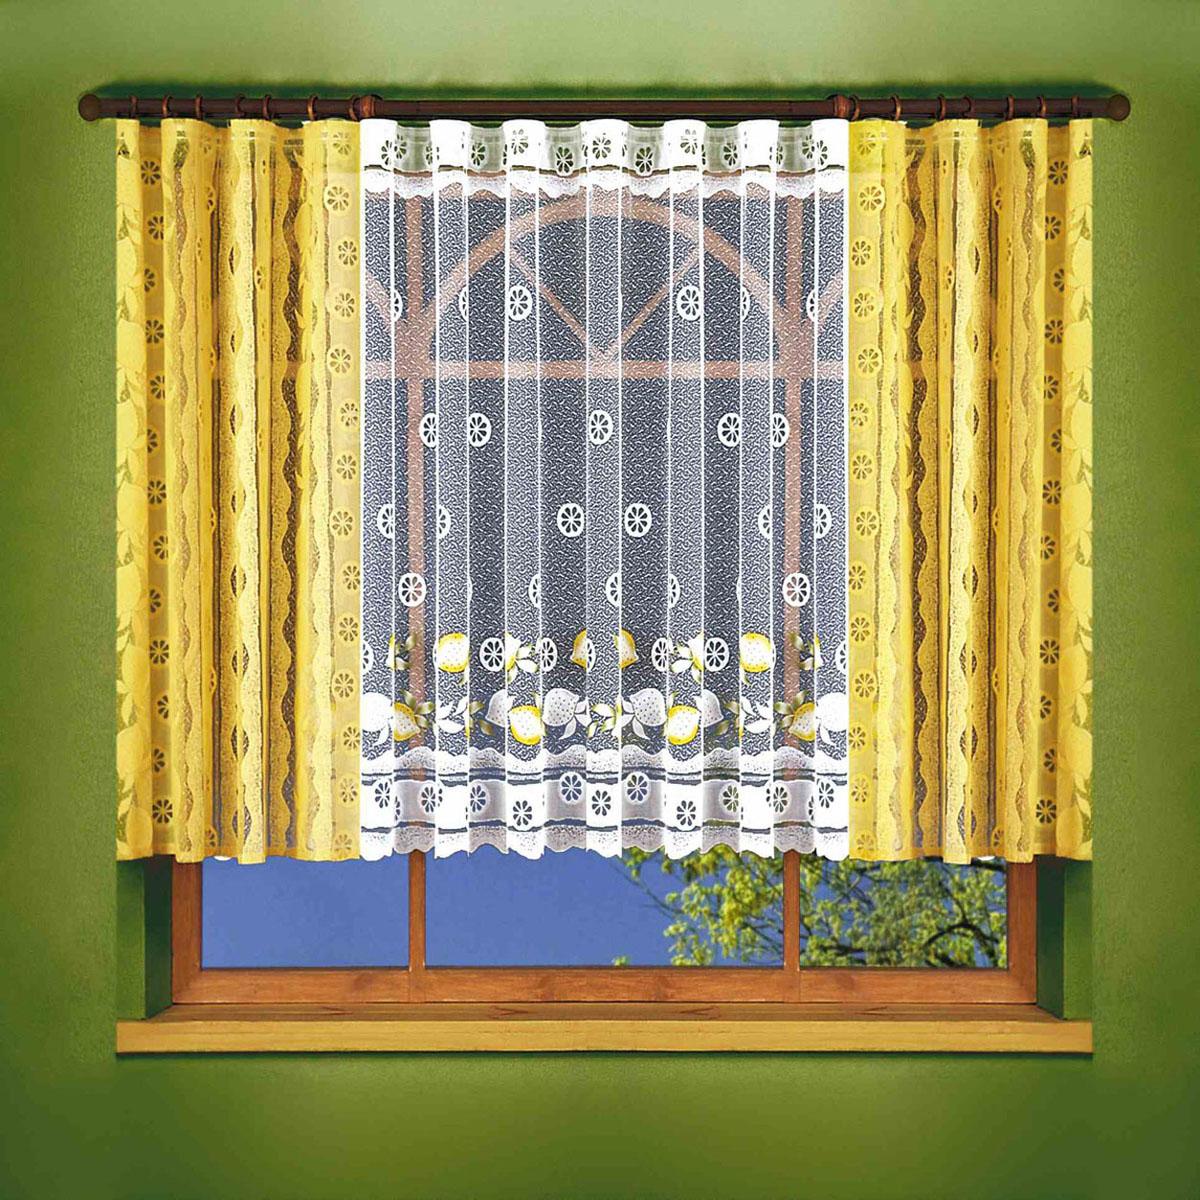 Комплект штор Wisan, цвет: желтый, высота 150 см. 61096109жаккардовый комплект штор на шторной ленте Размеры: тюль -шир.400*выс.150+шторы-(шир.150*выс.15)*2